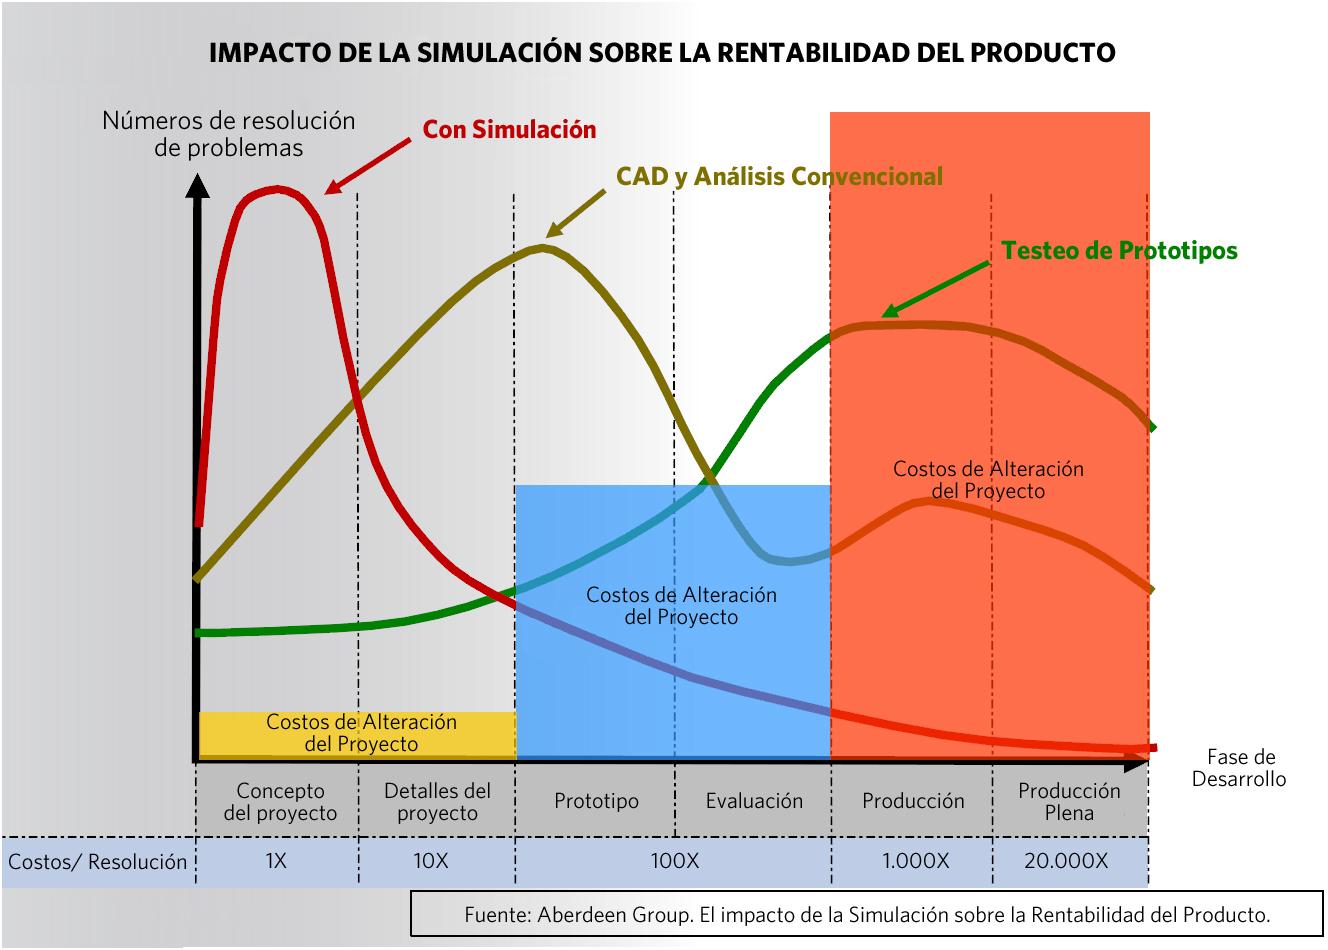 Según se muestra en  la imagen anterior, se puede verificar que cuanto antes se utiliza la simulación, mayor es el número de problemas que son corregidos y menor el gasto de producción